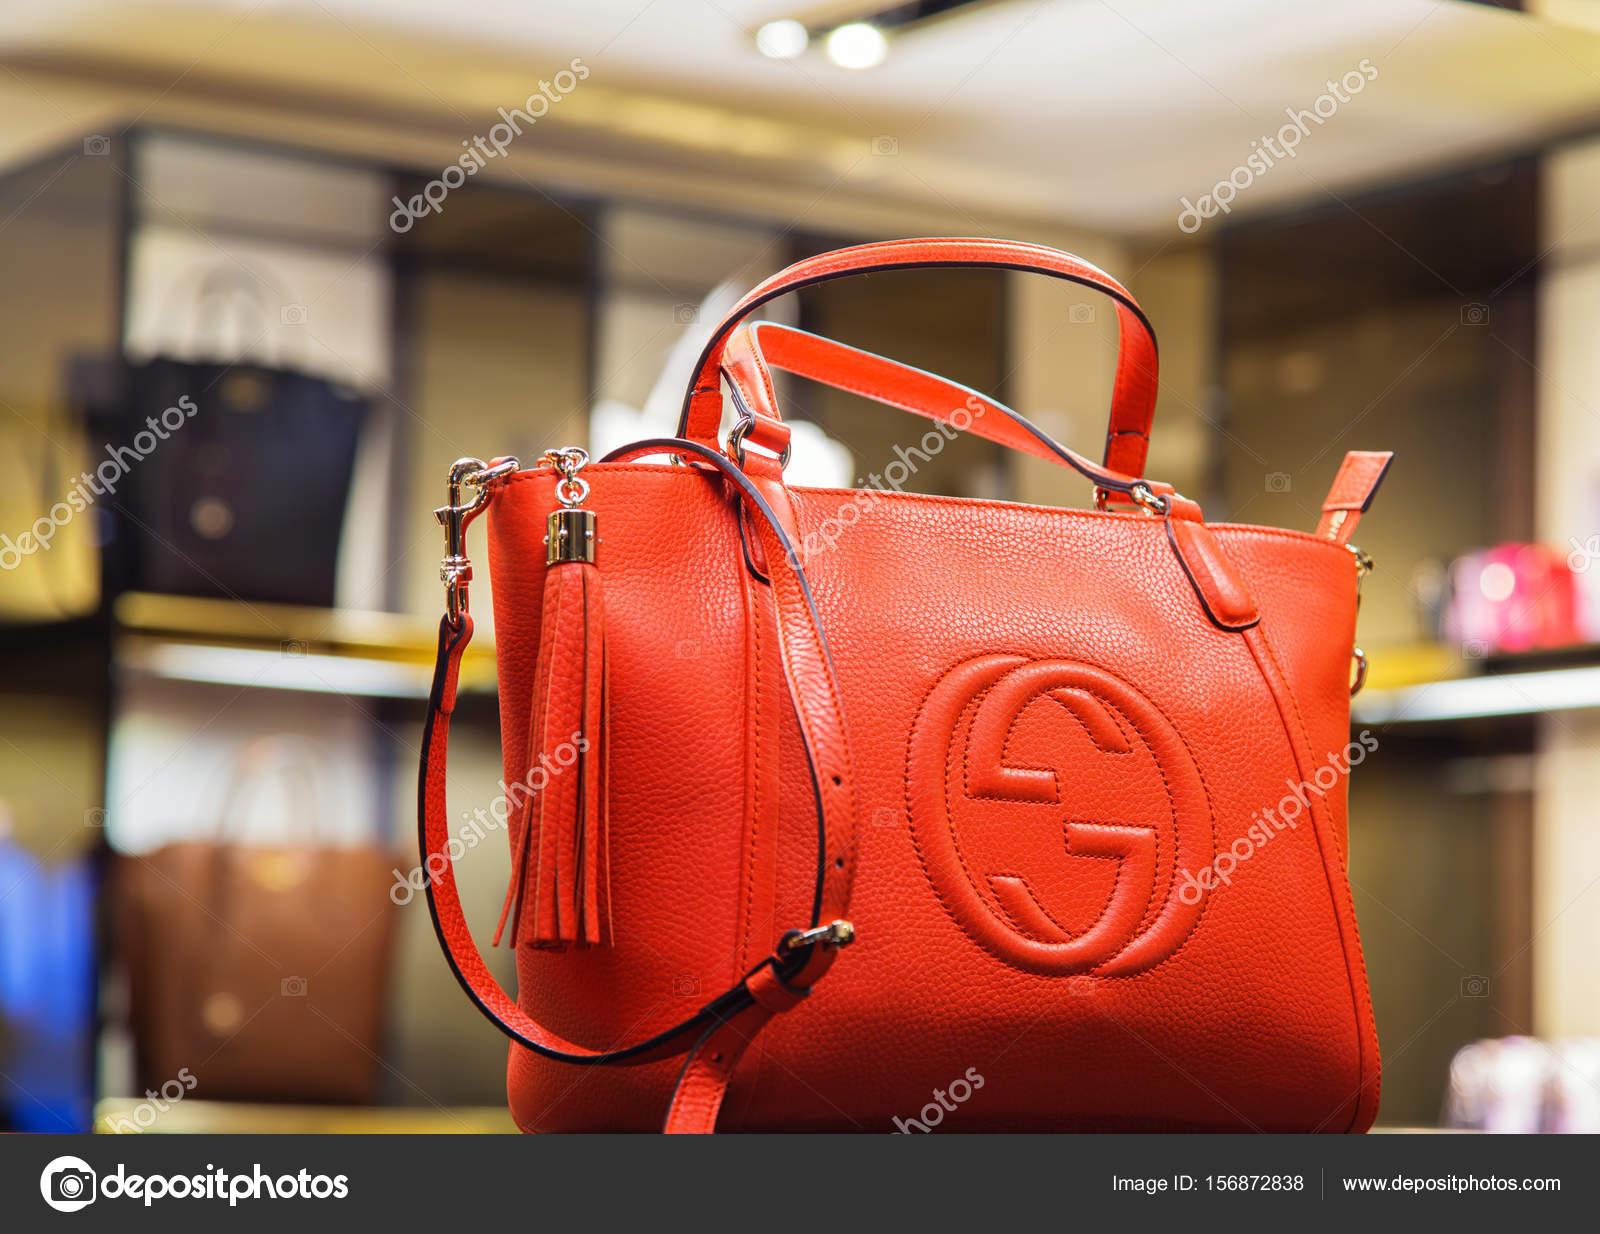 Italie, Venise - 20 mars 2015   Sacs à main dans un Gucci magasin dans le  vieux– Photographies éditoriales en vente 6ada3c2e21b